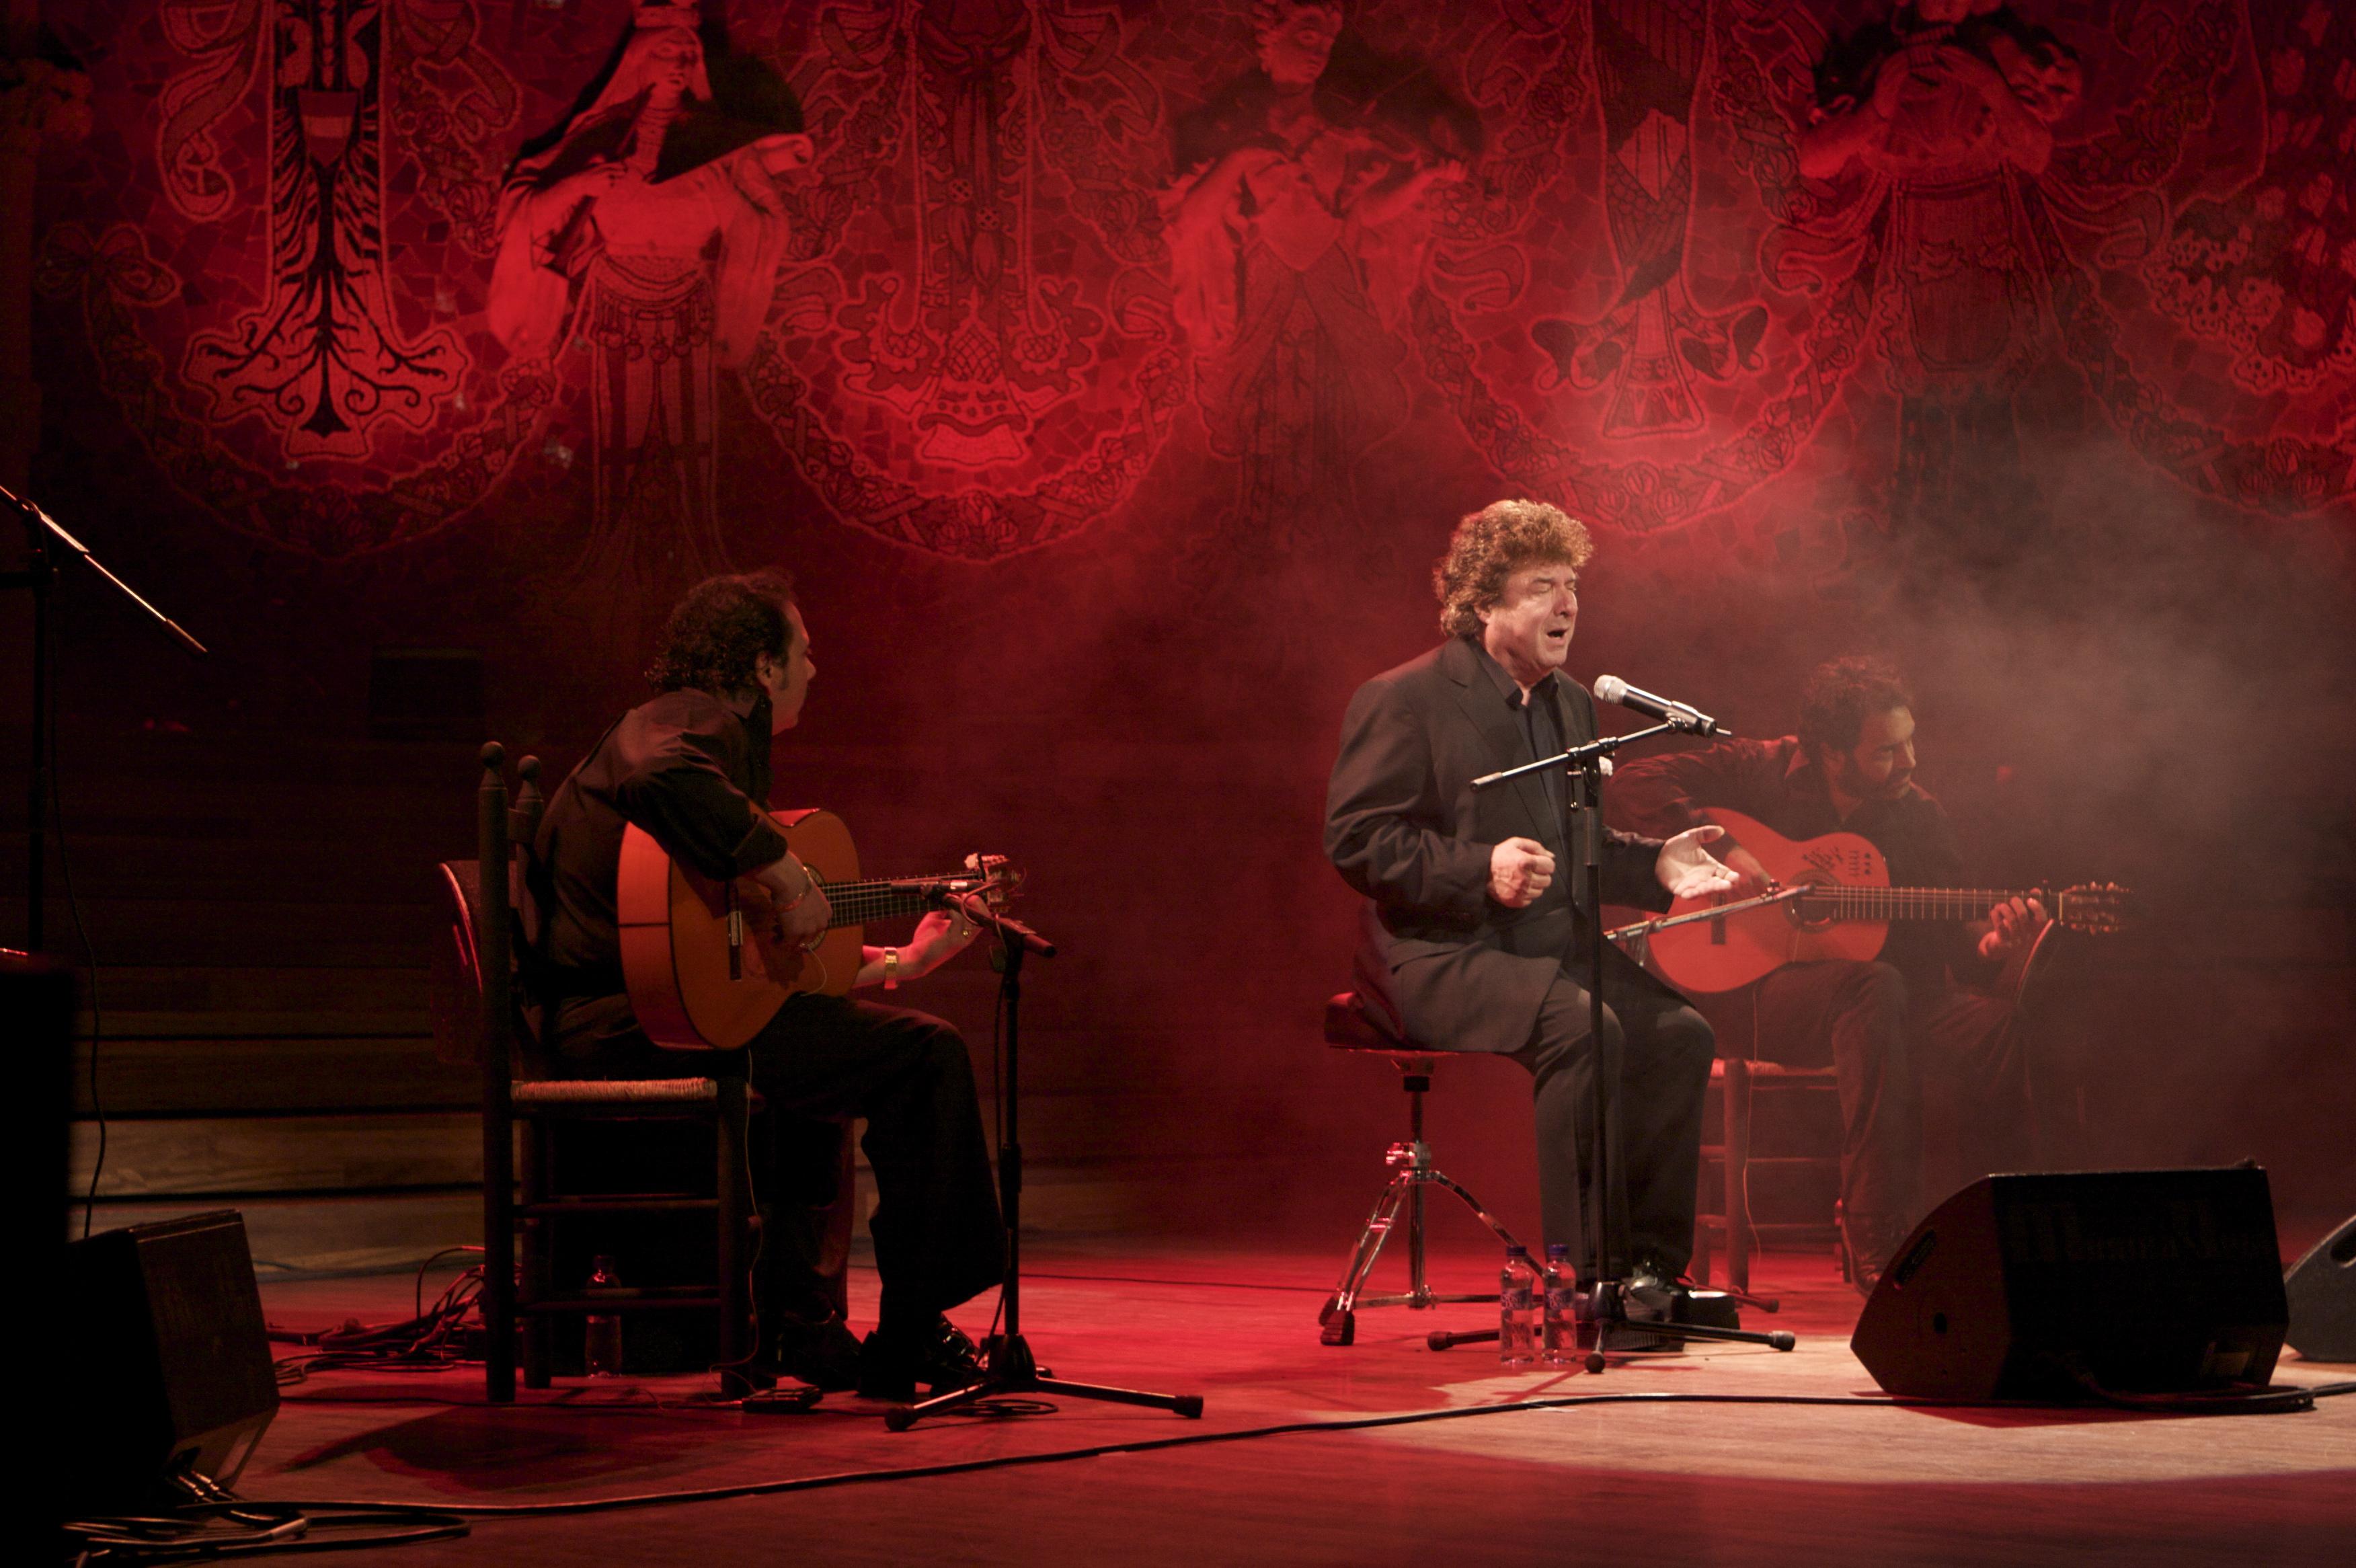 Enrique Morente en el Palau de la Música Catalana el 13 de marzo de 2009.